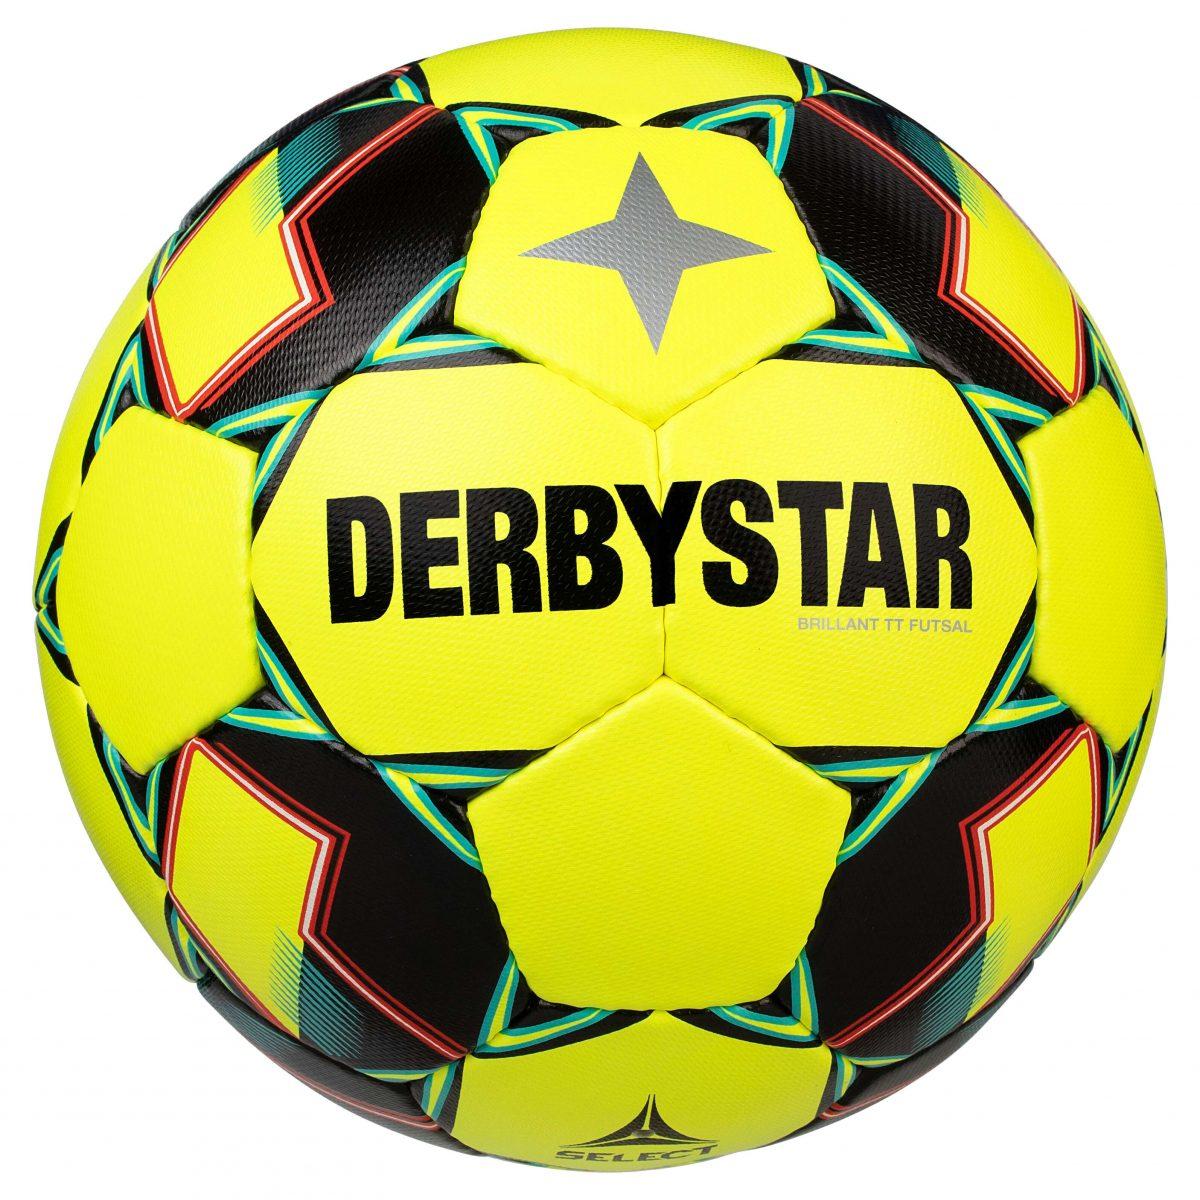 """Derbystar Futsalball """"Brilllant TT"""" - Bälle - Derbystar"""